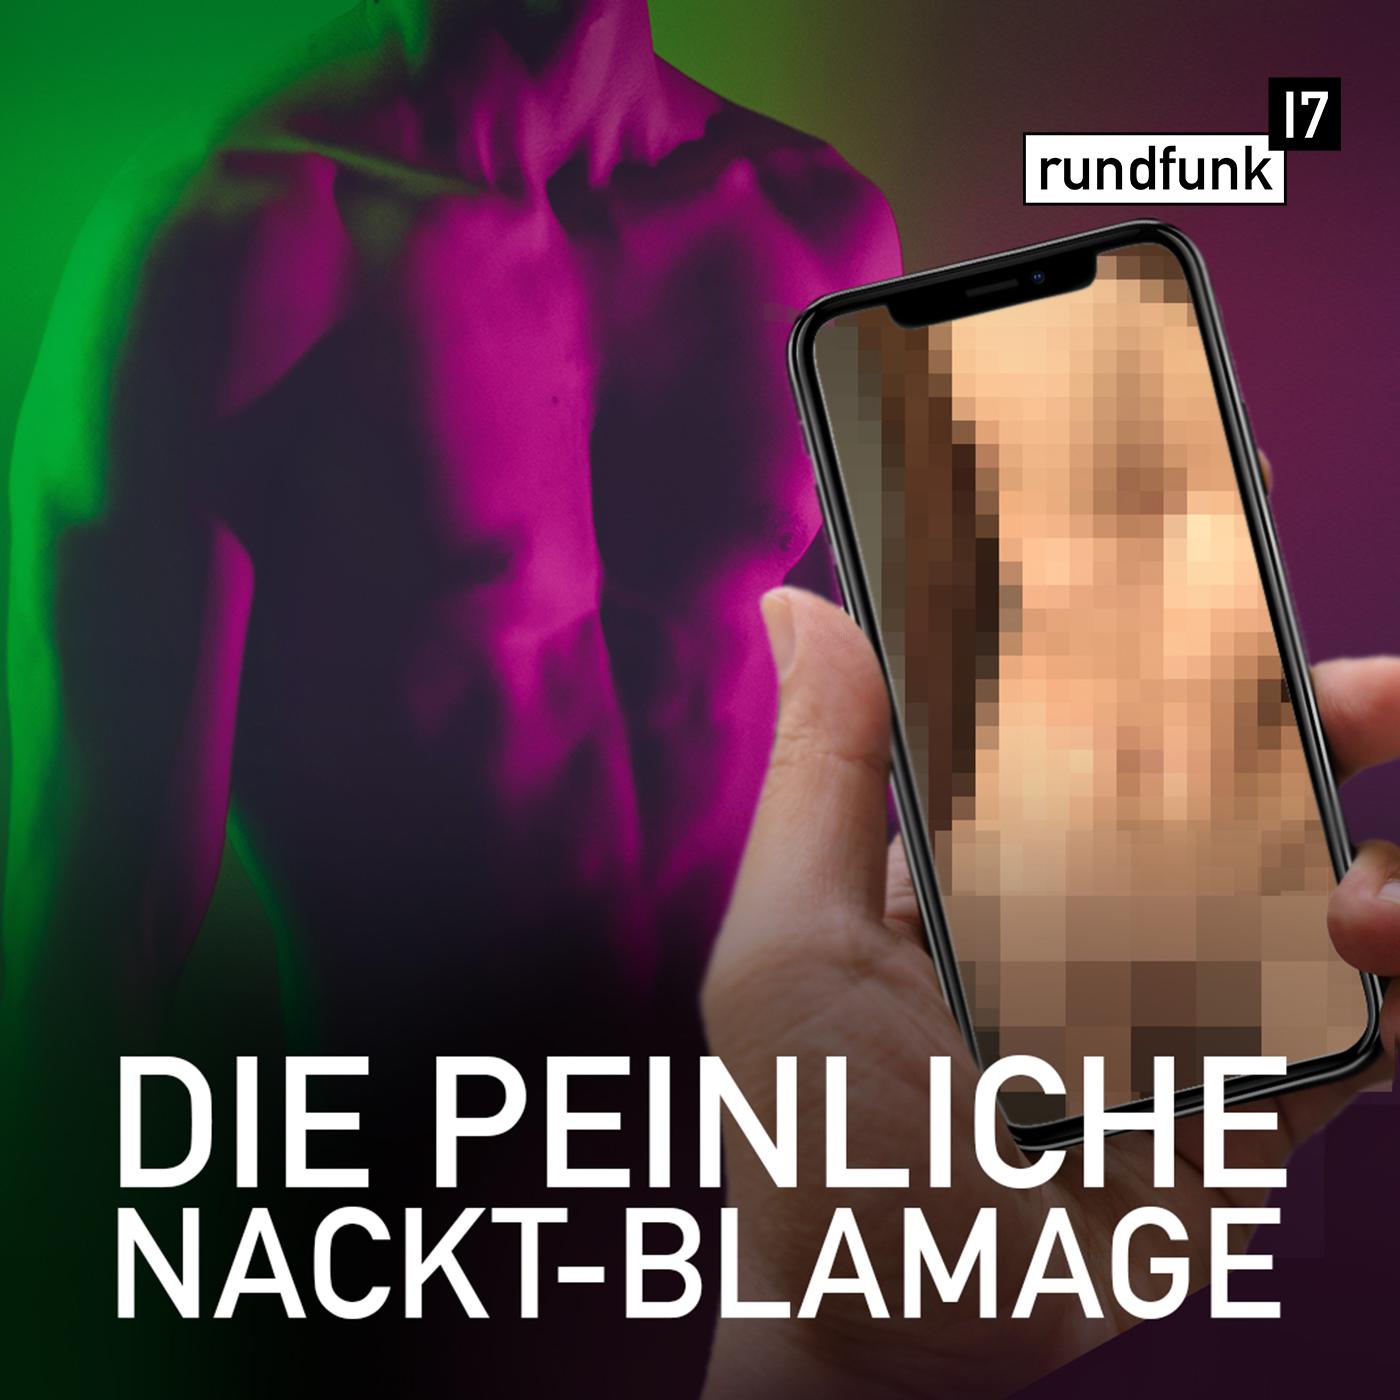 Körper nackt jodel selfie Selfies von